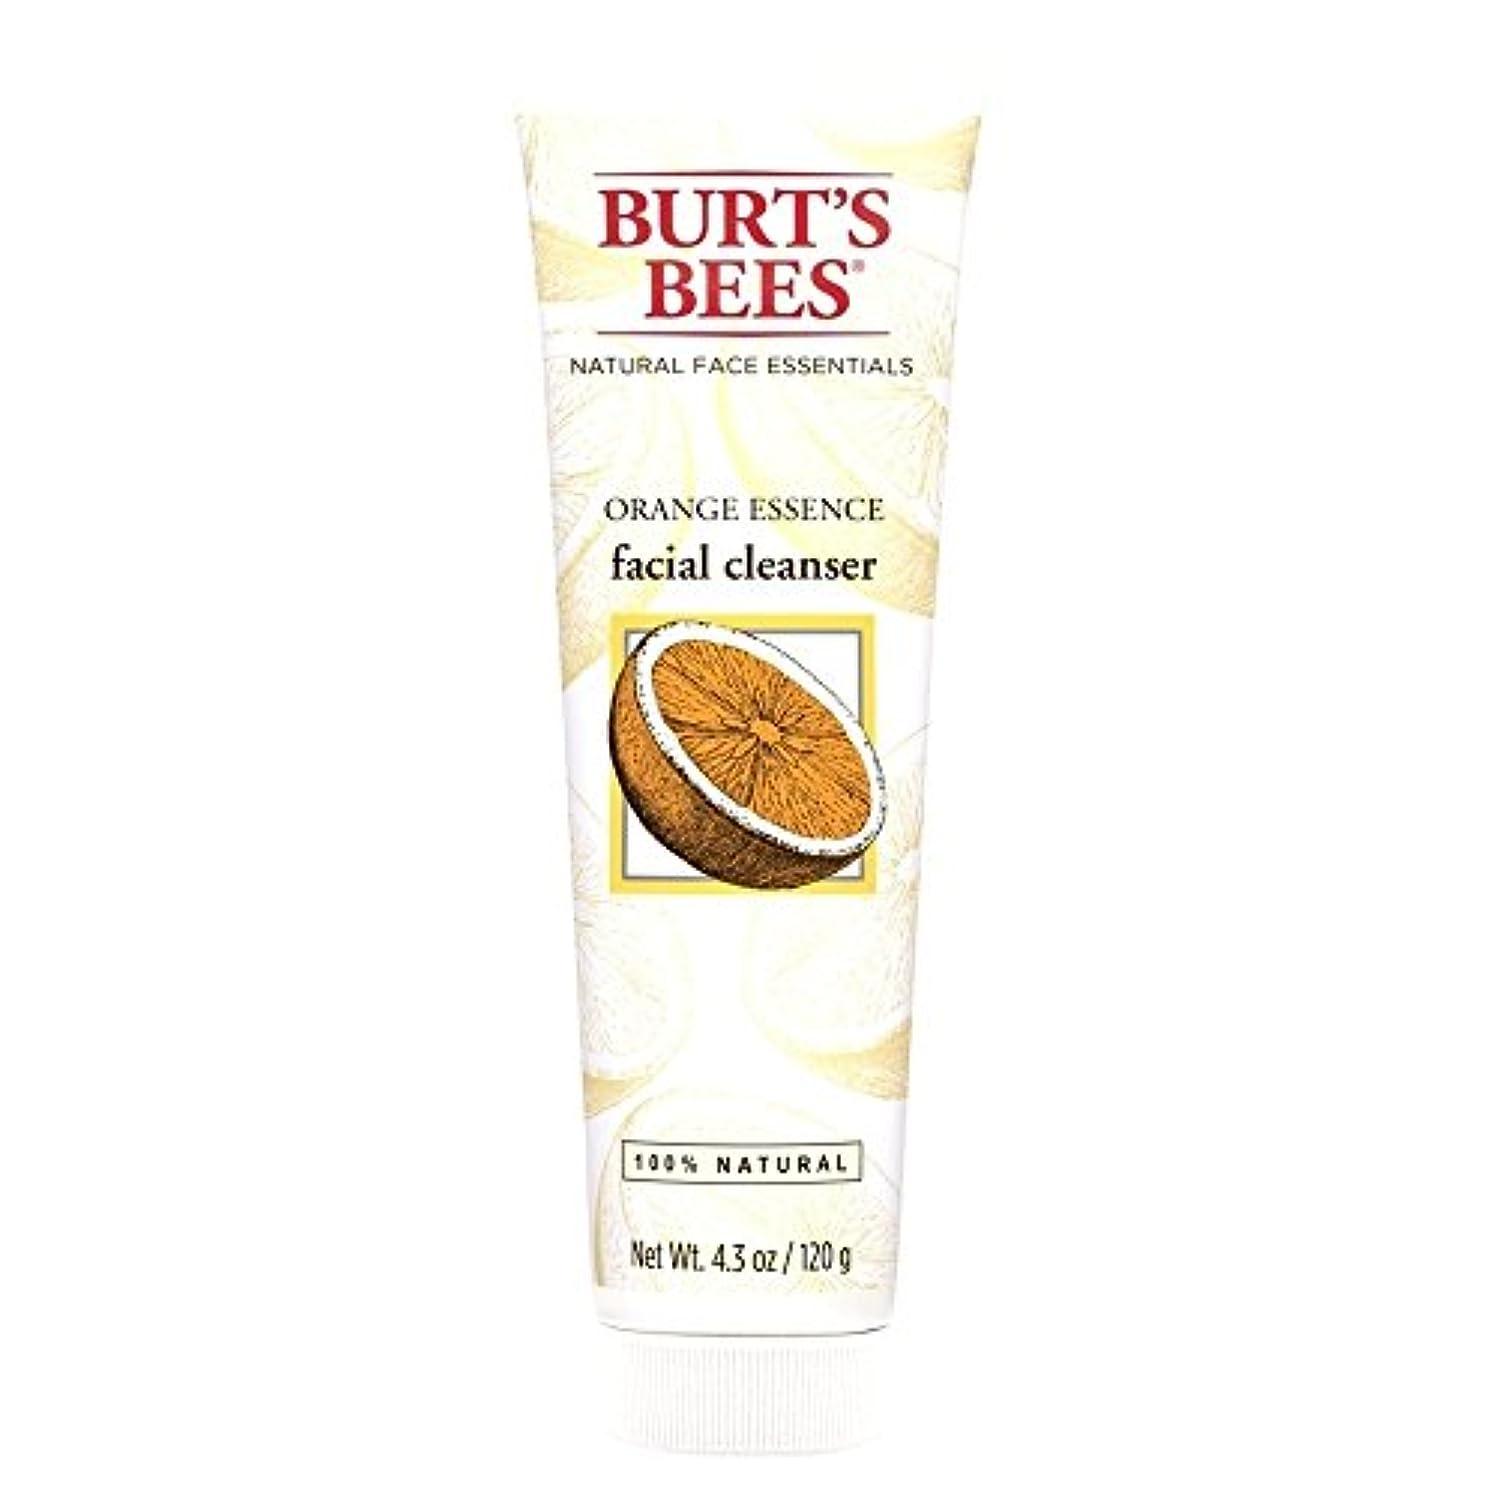 弱点発掘する苦情文句バーツビーオレンジエッセンス洗顔料、125グラム (Burt's Bees) (x2) - Burt's Bees Orange Essence Facial Cleanser, 125g (Pack of 2) [並行輸入品]